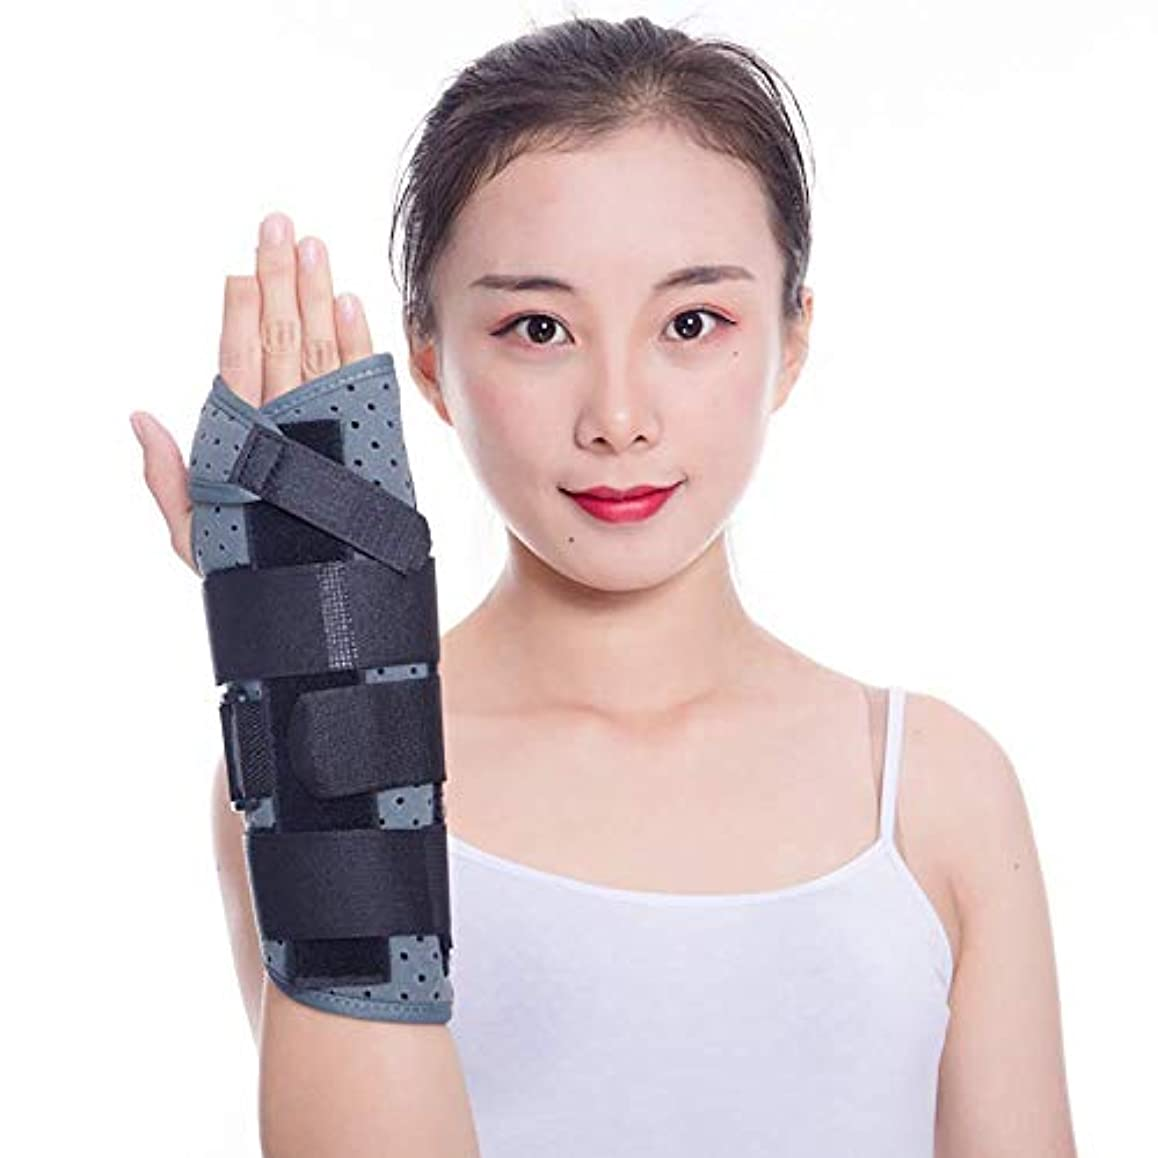 身元ナイトスポット出血手根管手首支柱 - 男性と女性、腱炎、関節炎、壊れた、スポーツのけがの痛みを軽減するための夜間の睡眠中の手首のサポート,Left,L